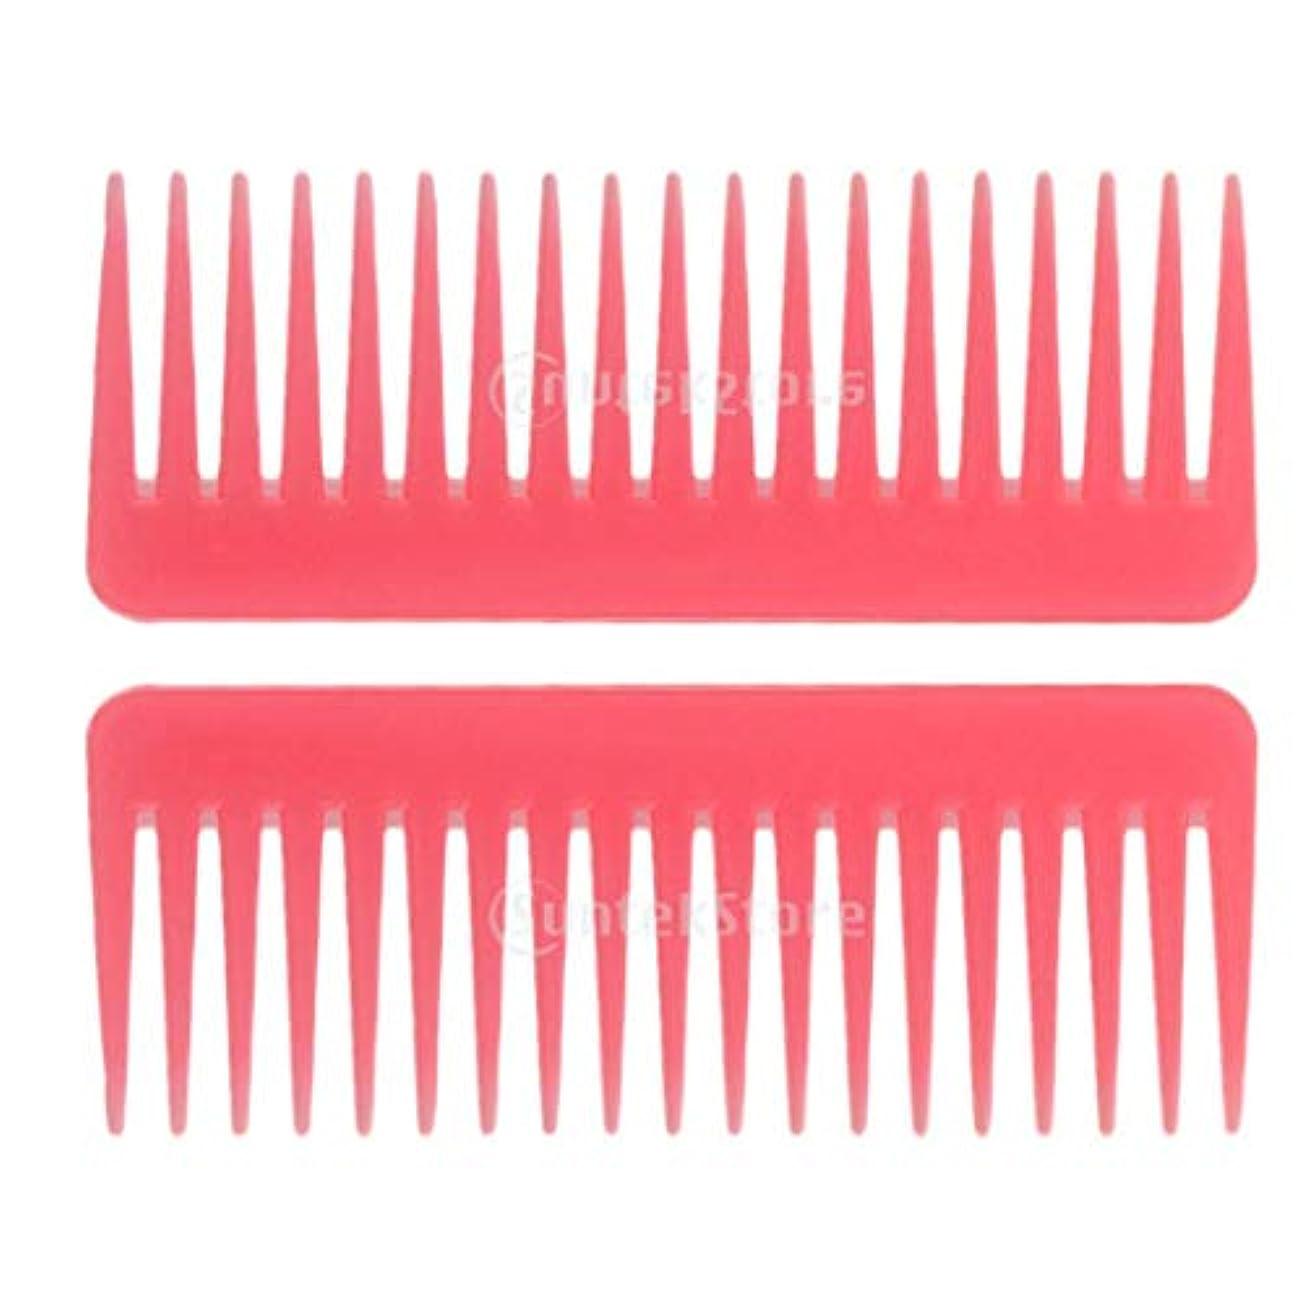 不均一ドル厚さヘアブラシ ヘアコーム 静電気防止櫛 広い歯コーム マッサージ サロン 理髪店 ツール 2個セット